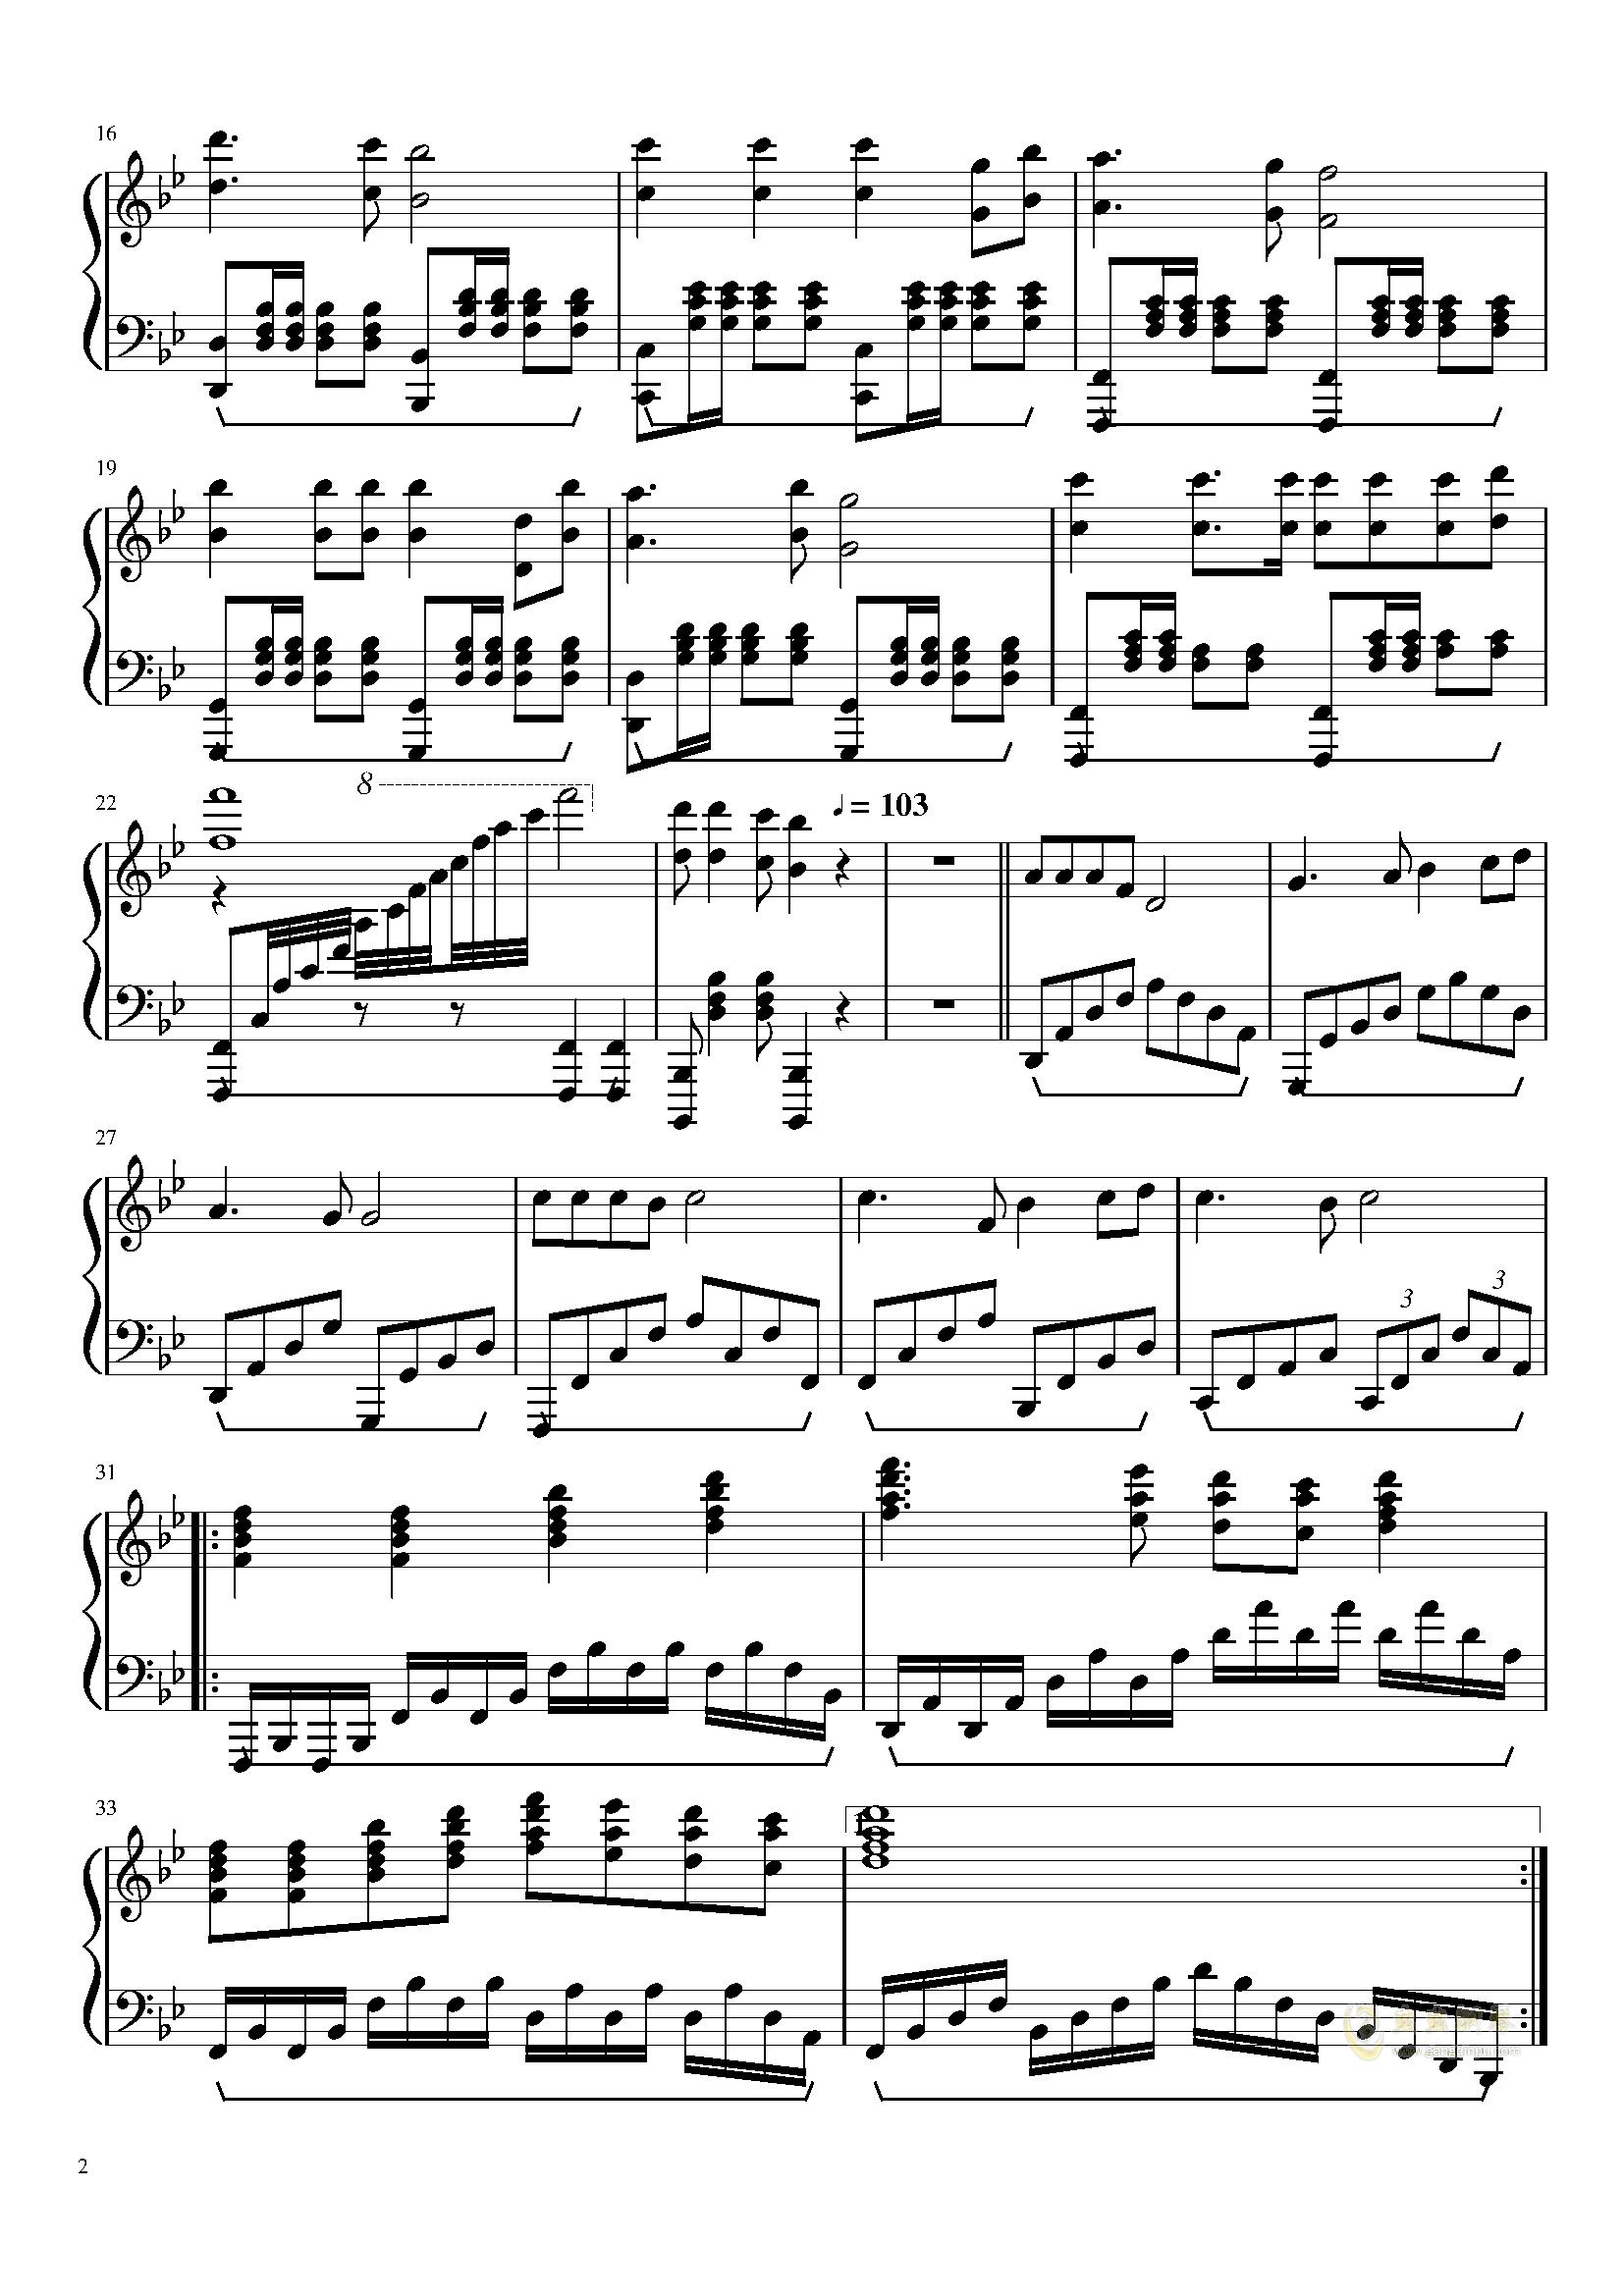 哈尔滨工程大学校歌钢琴版